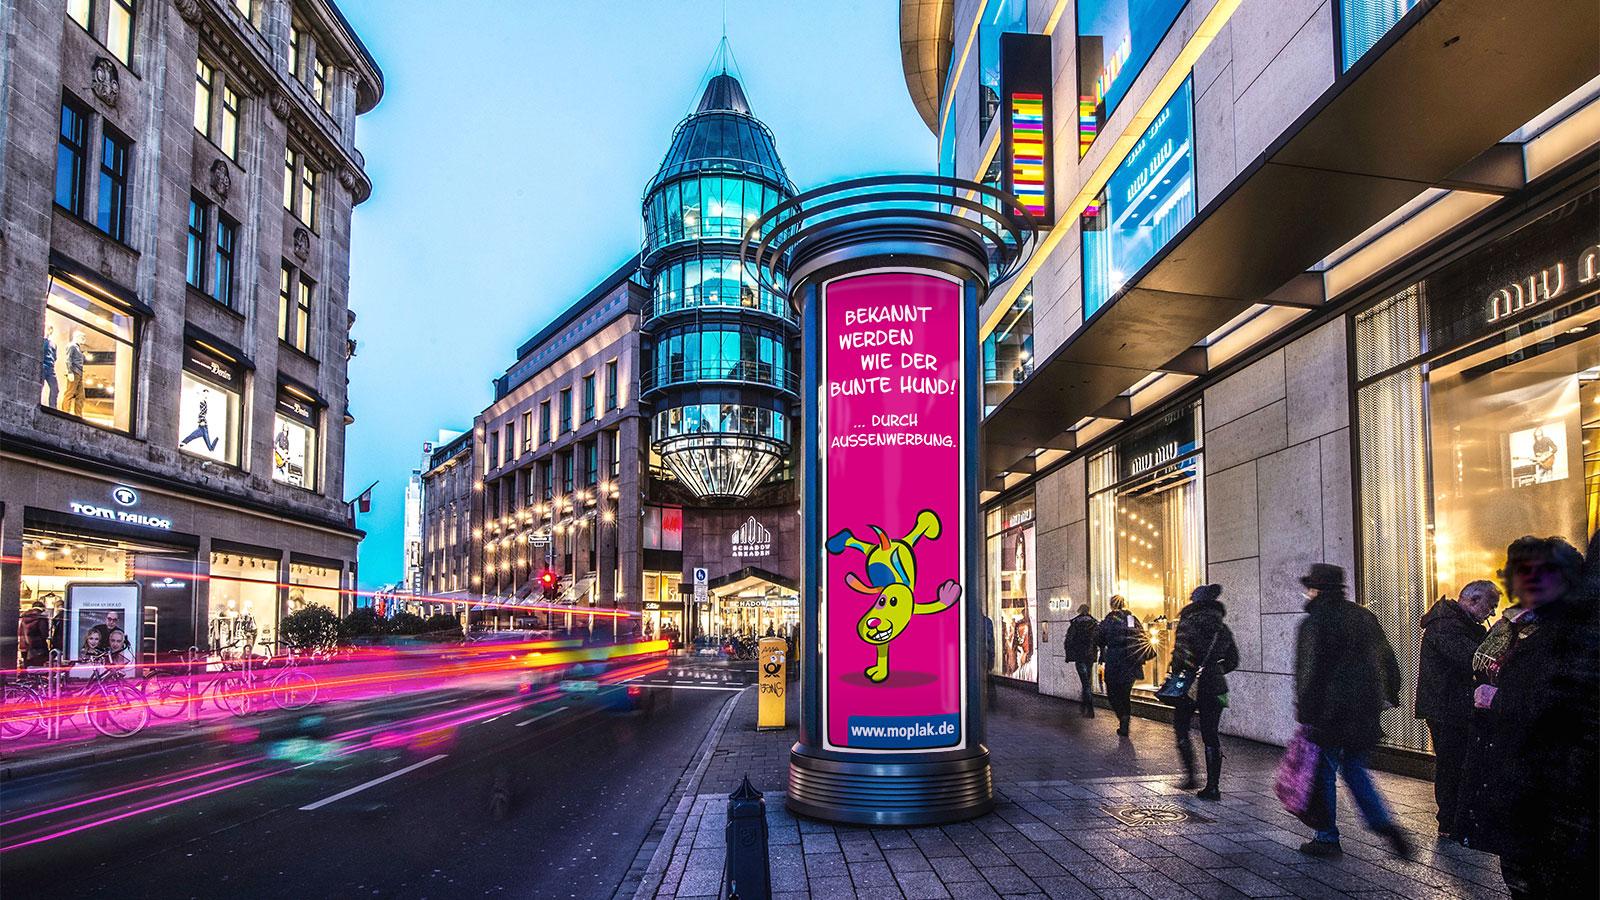 Remscheid-Aussenwerbung-Litfasssaeule-Werbung